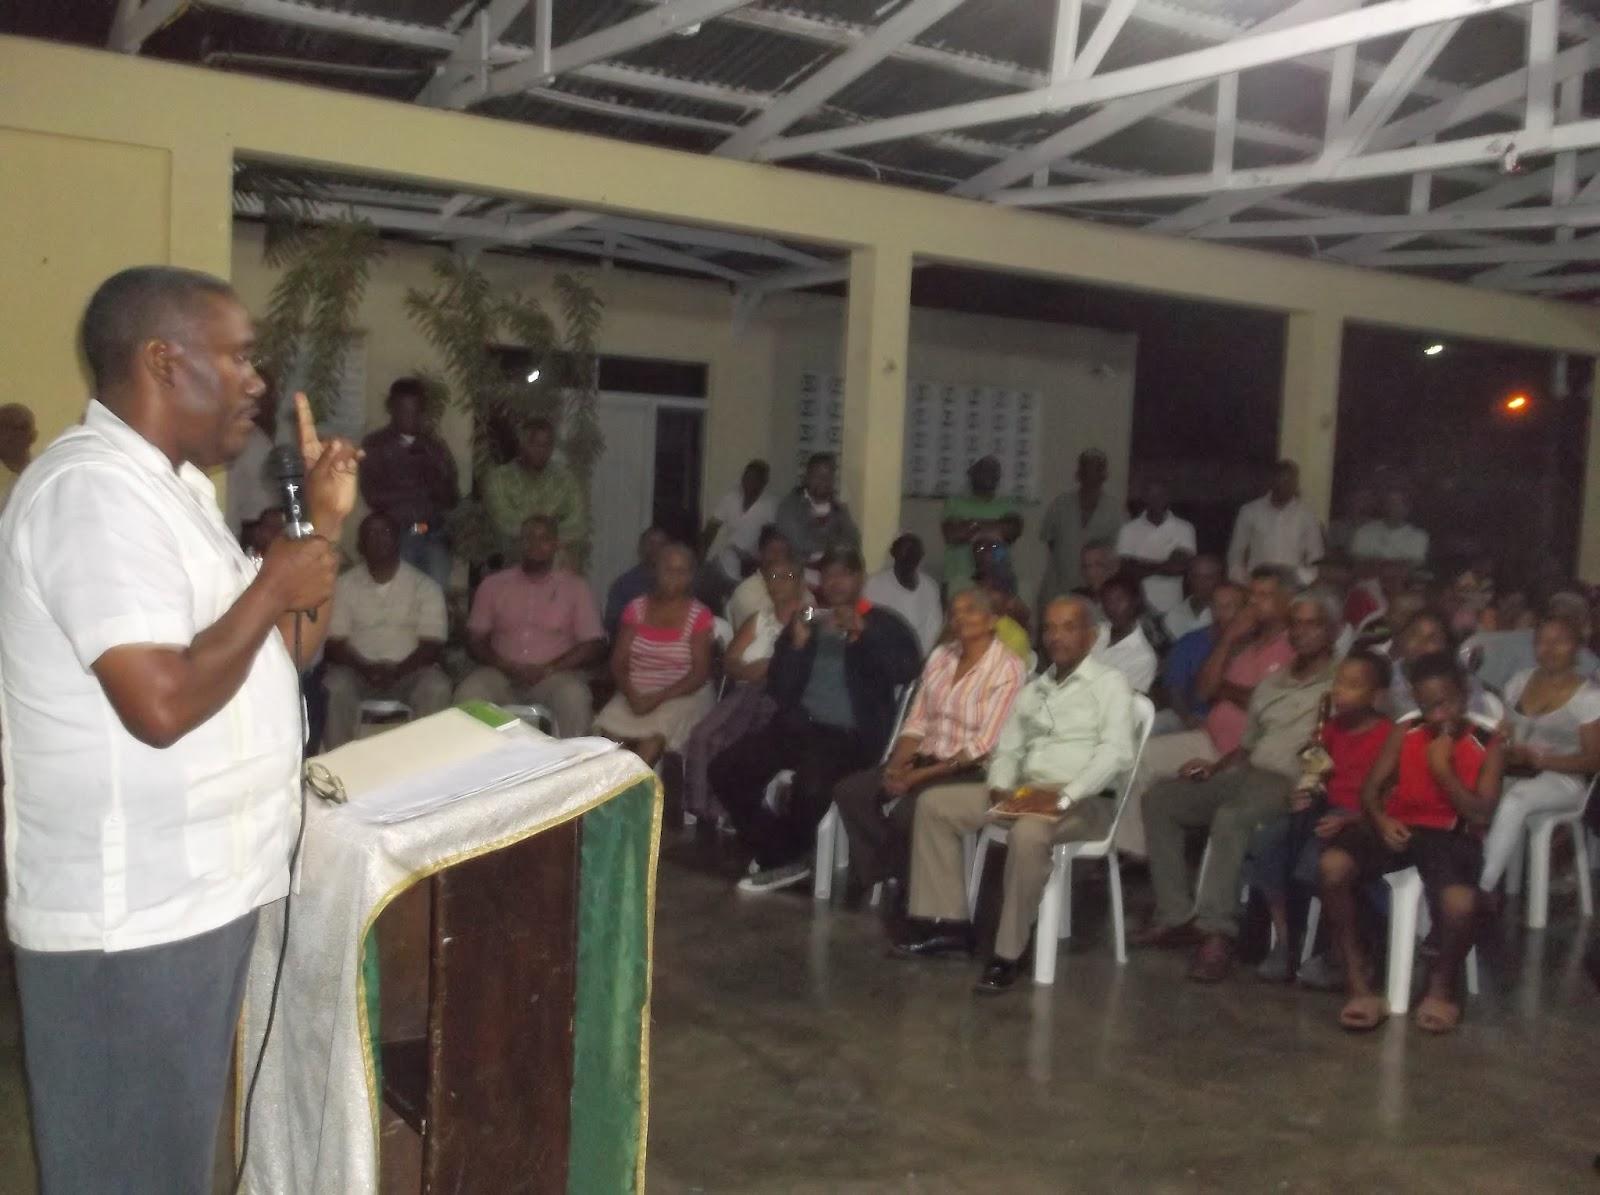 Alcalde Cristino Lorenzo proclama población lo eligió para que gestione soluciones para el desarrollo del municipio de Cambita Garabito